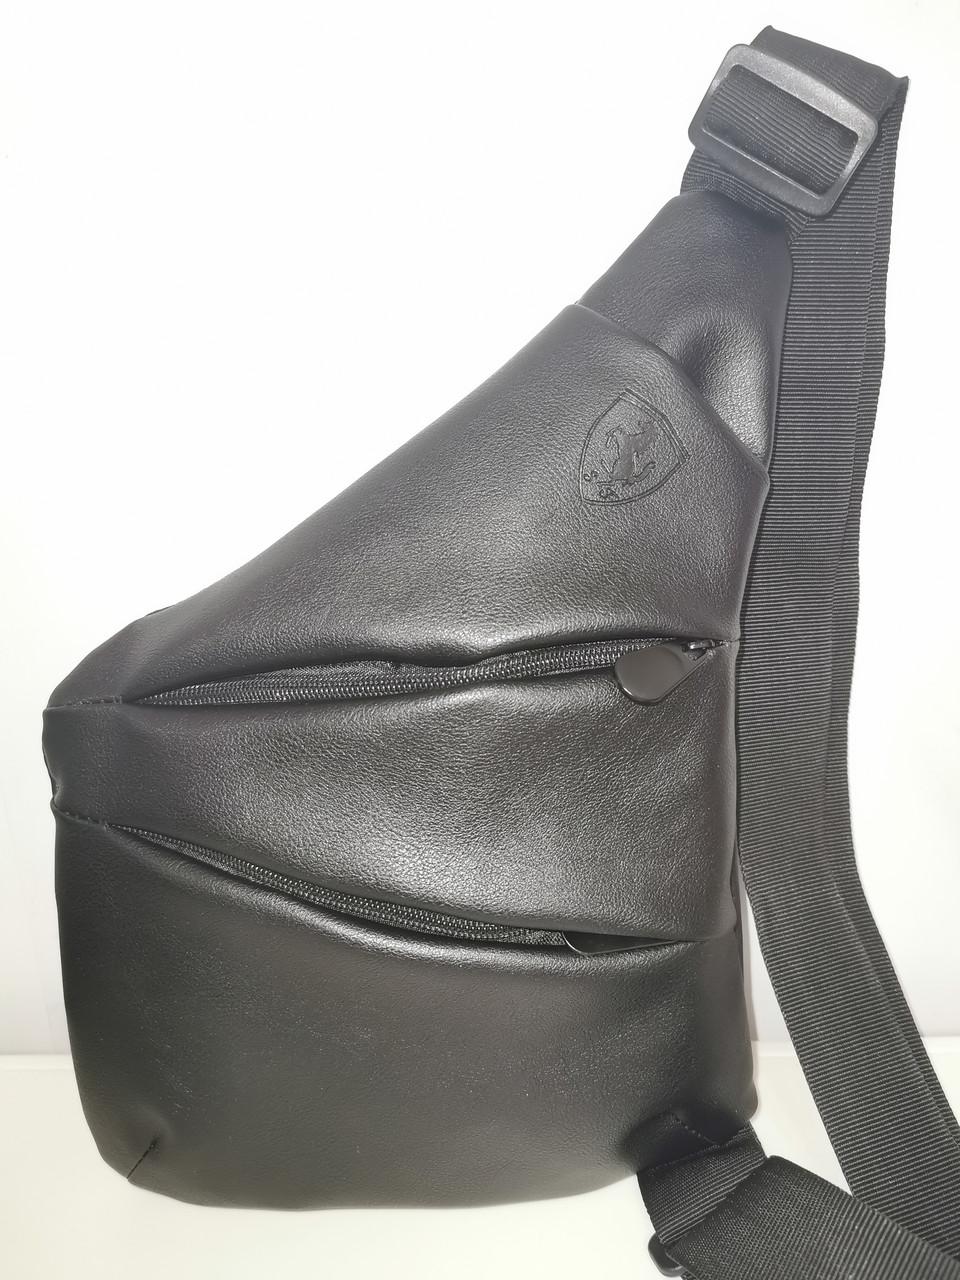 Барсетка слинг на грудь SJ-Ferrari искусств. кожа Унисекс/Cумка спортивные для через плечо(ОПТ)